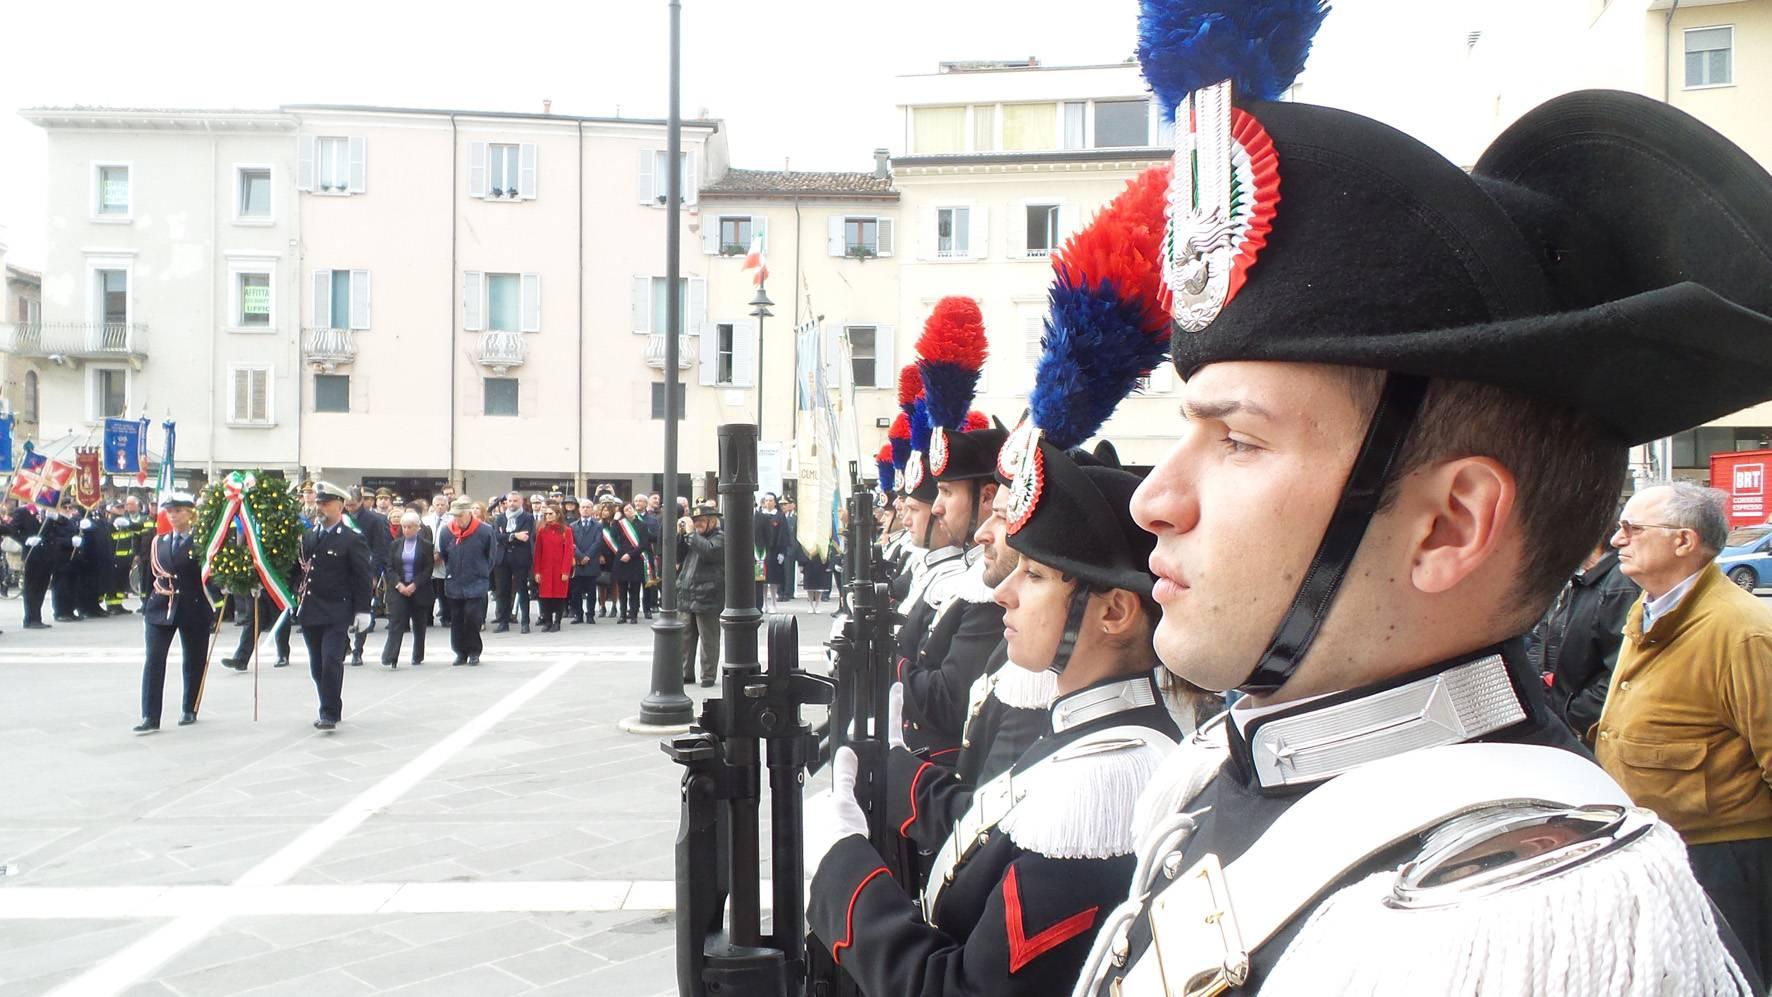 4 novembre: le celebrazioni dell'Unità nazionale e delle Forze armate